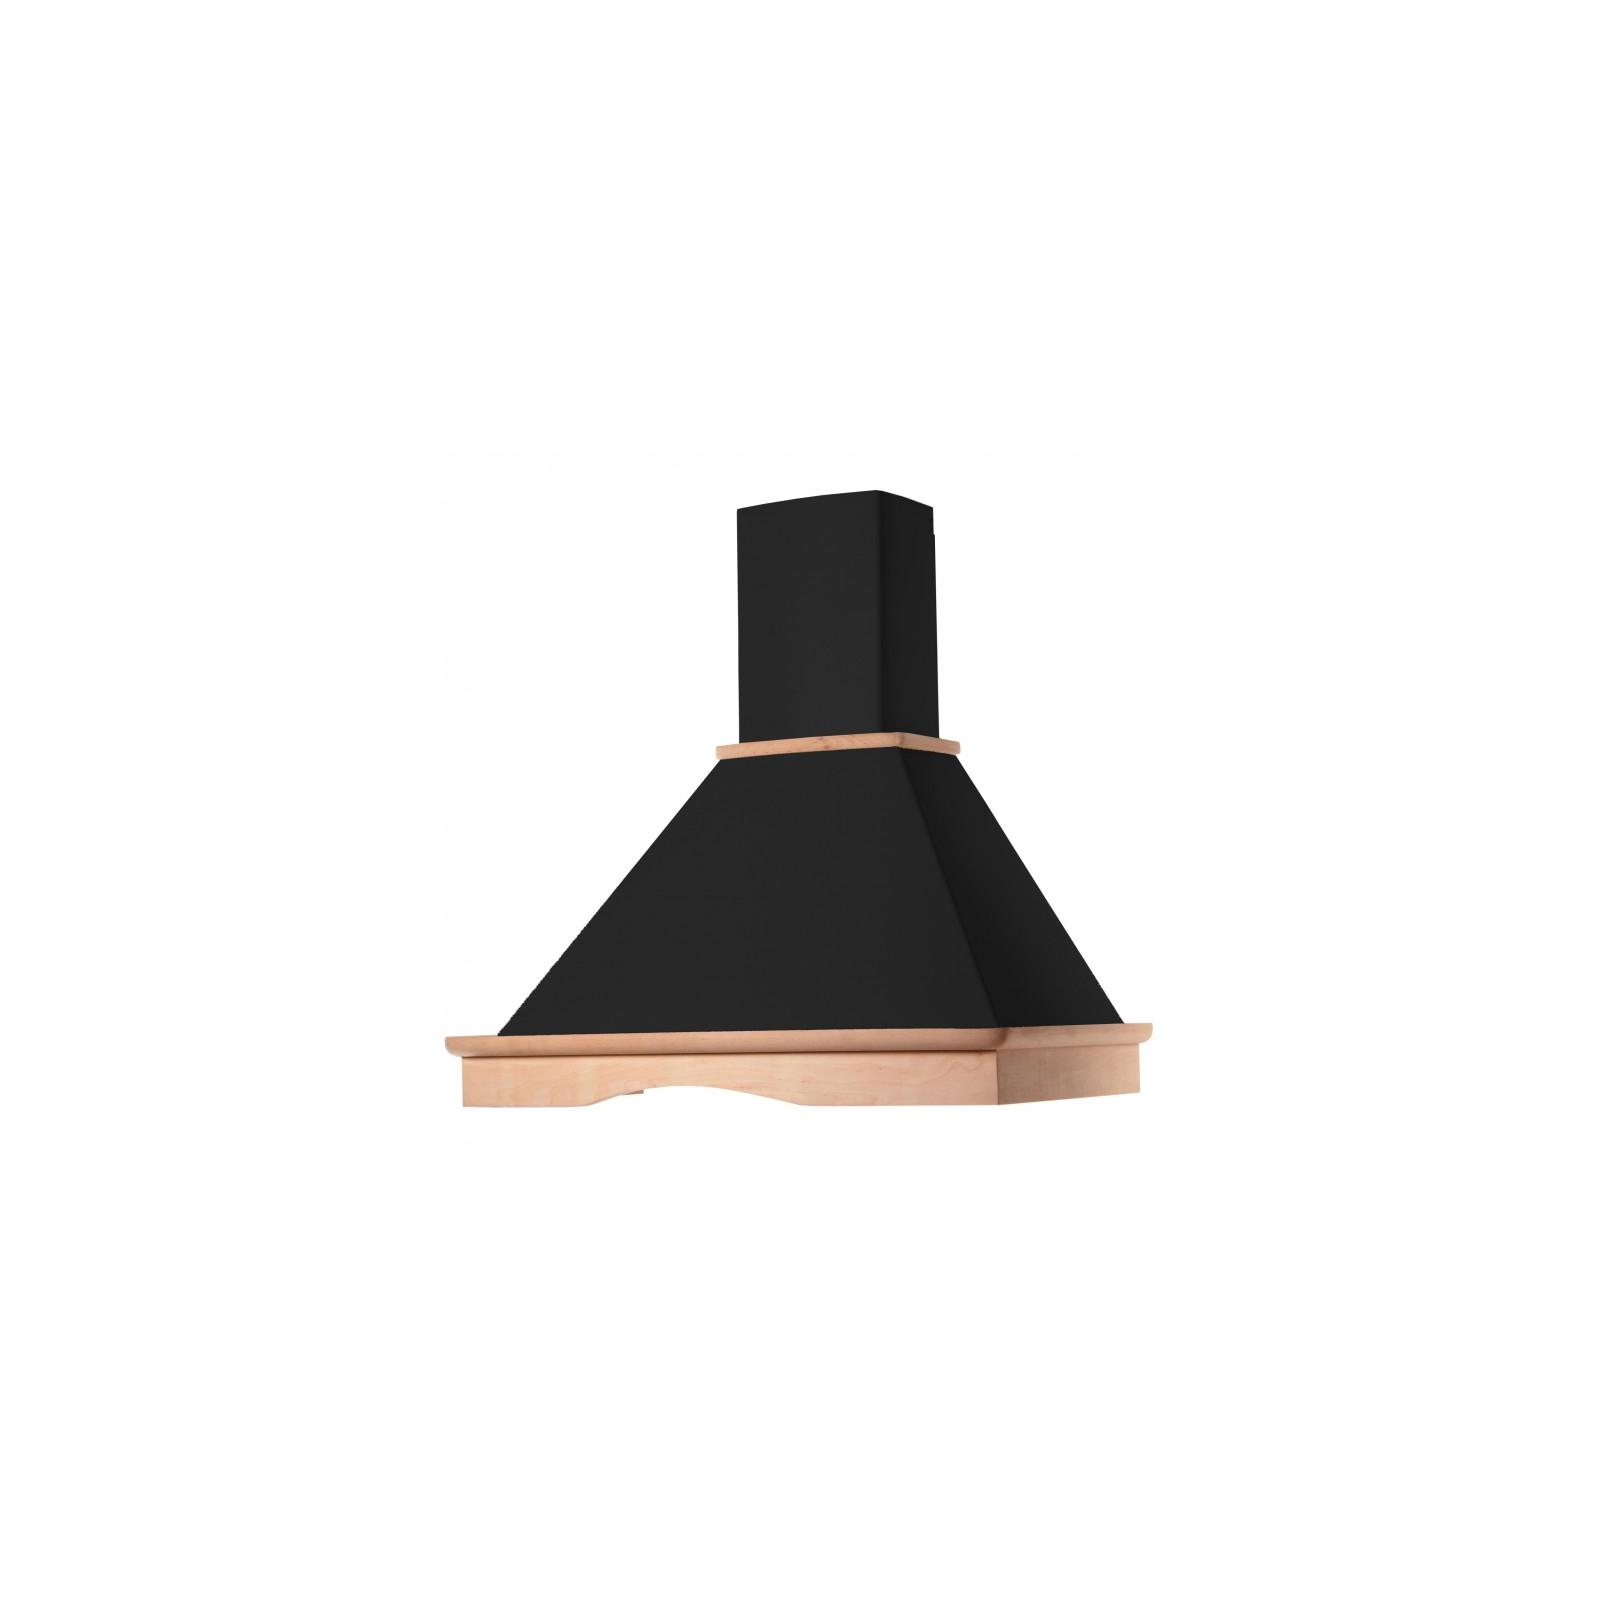 Вытяжка кухонная ELEYUS Tempo 1000 LED SMD 90 N BL изображение 4